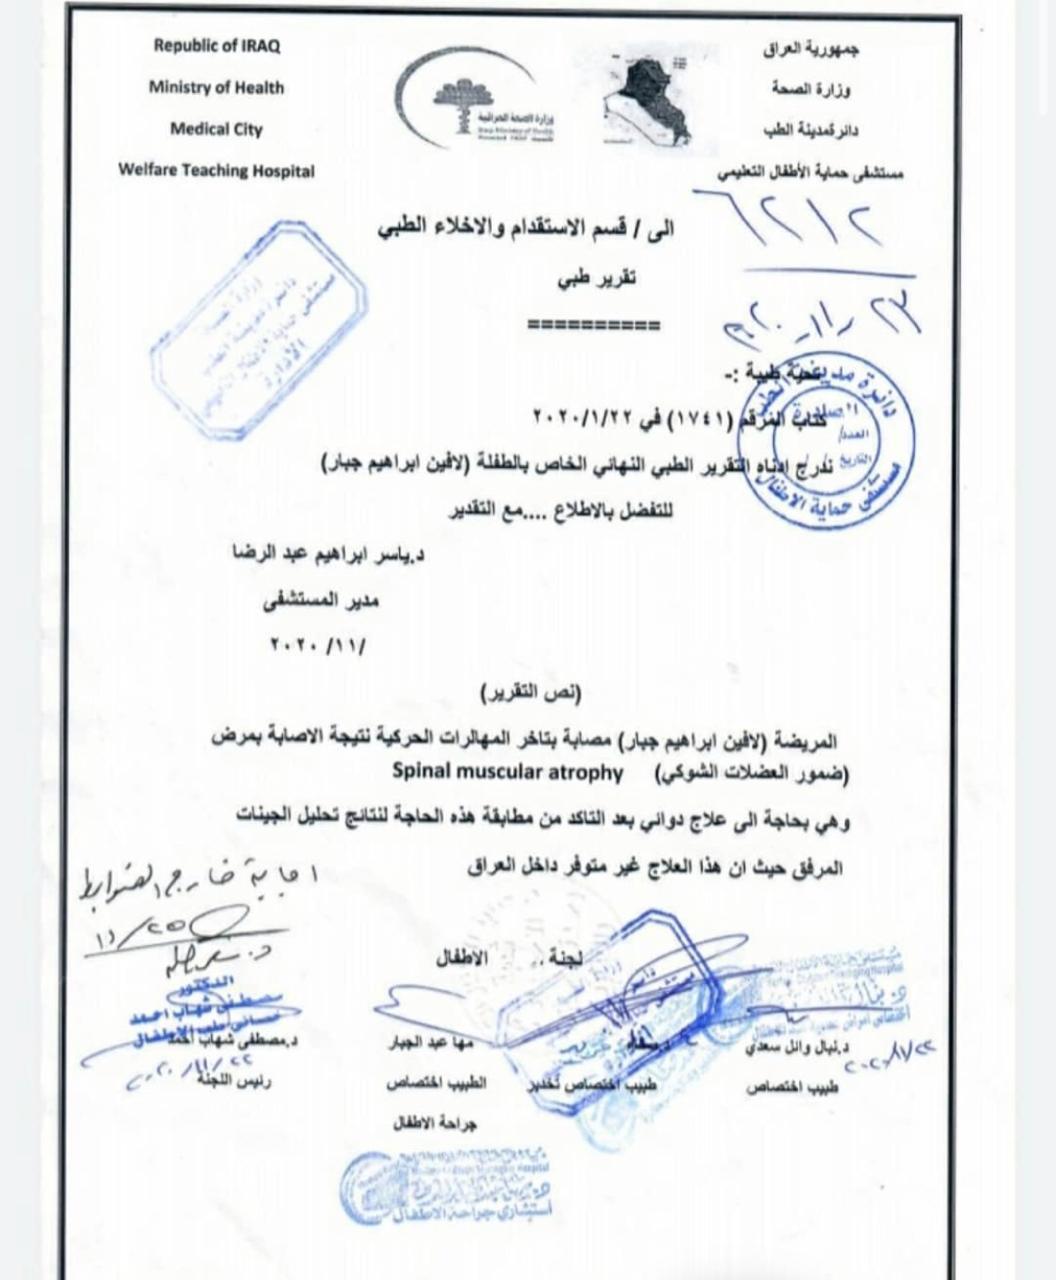 لافين ذات الـ16 شهرا تناشد وزارة الصحة والحكومة لانقاذها